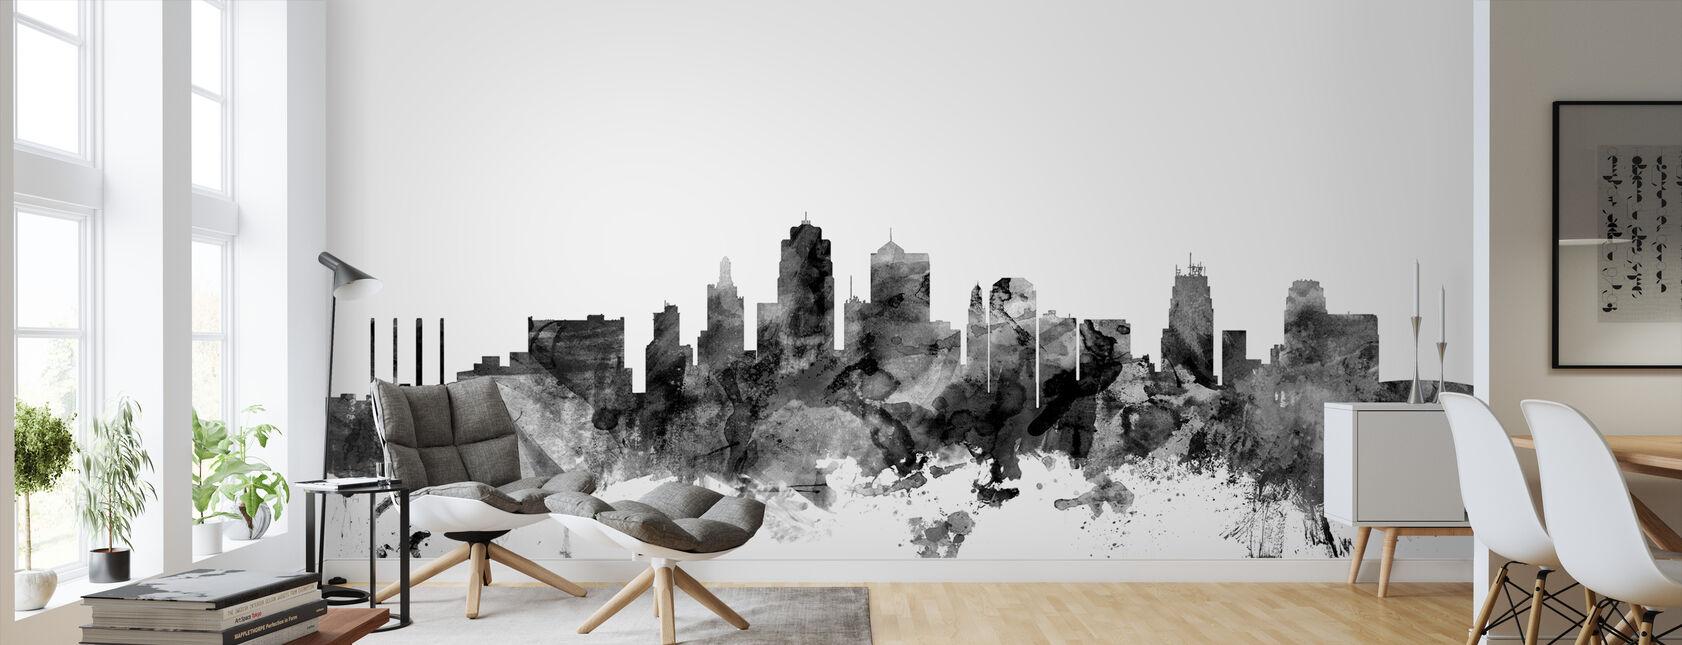 Kansas City Skyline Black - Wallpaper - Living Room